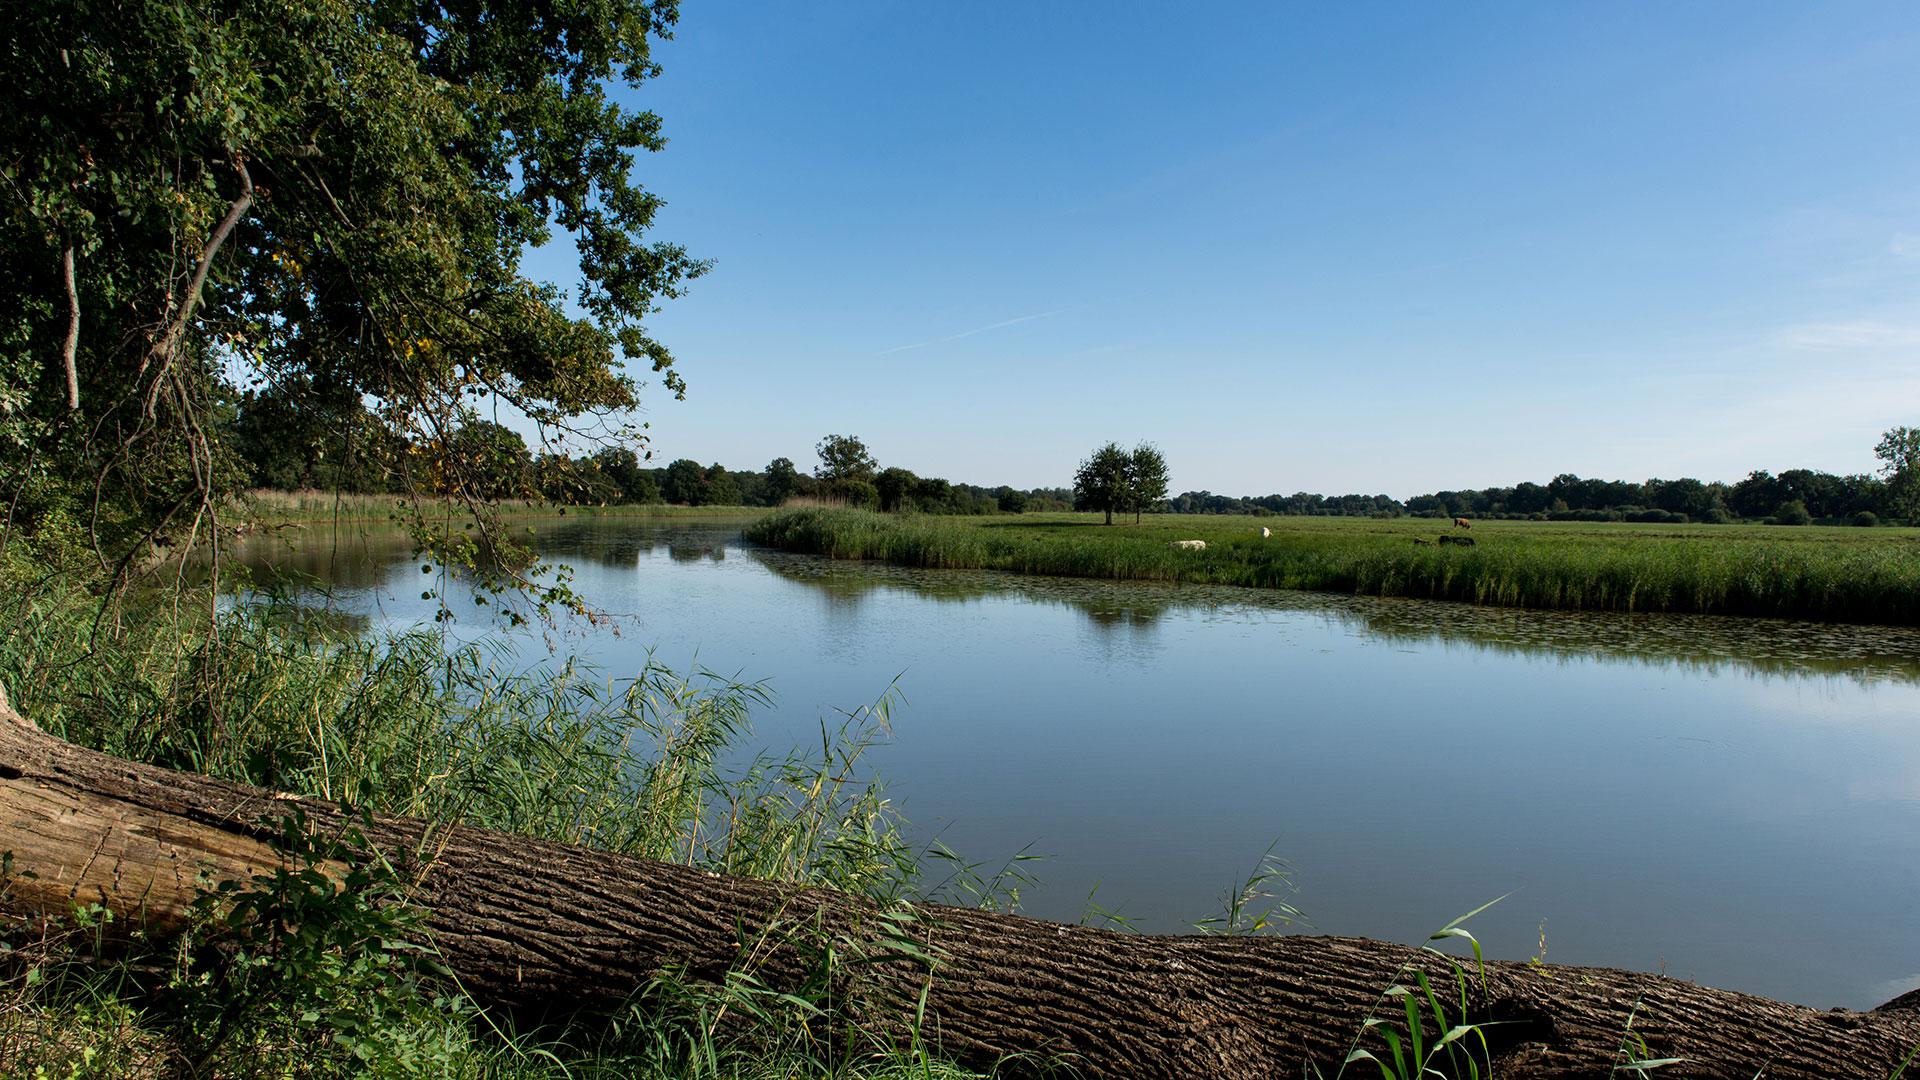 Auwälder, Stromtalwiesen und ein weiter, ruhiger Fluss. Die Mittelelbe: Die wertvolle Natur, die der WWF in Deutschland schützt, ist natürlich auch sehenswert als Ausflugstipp und Reiseziel.